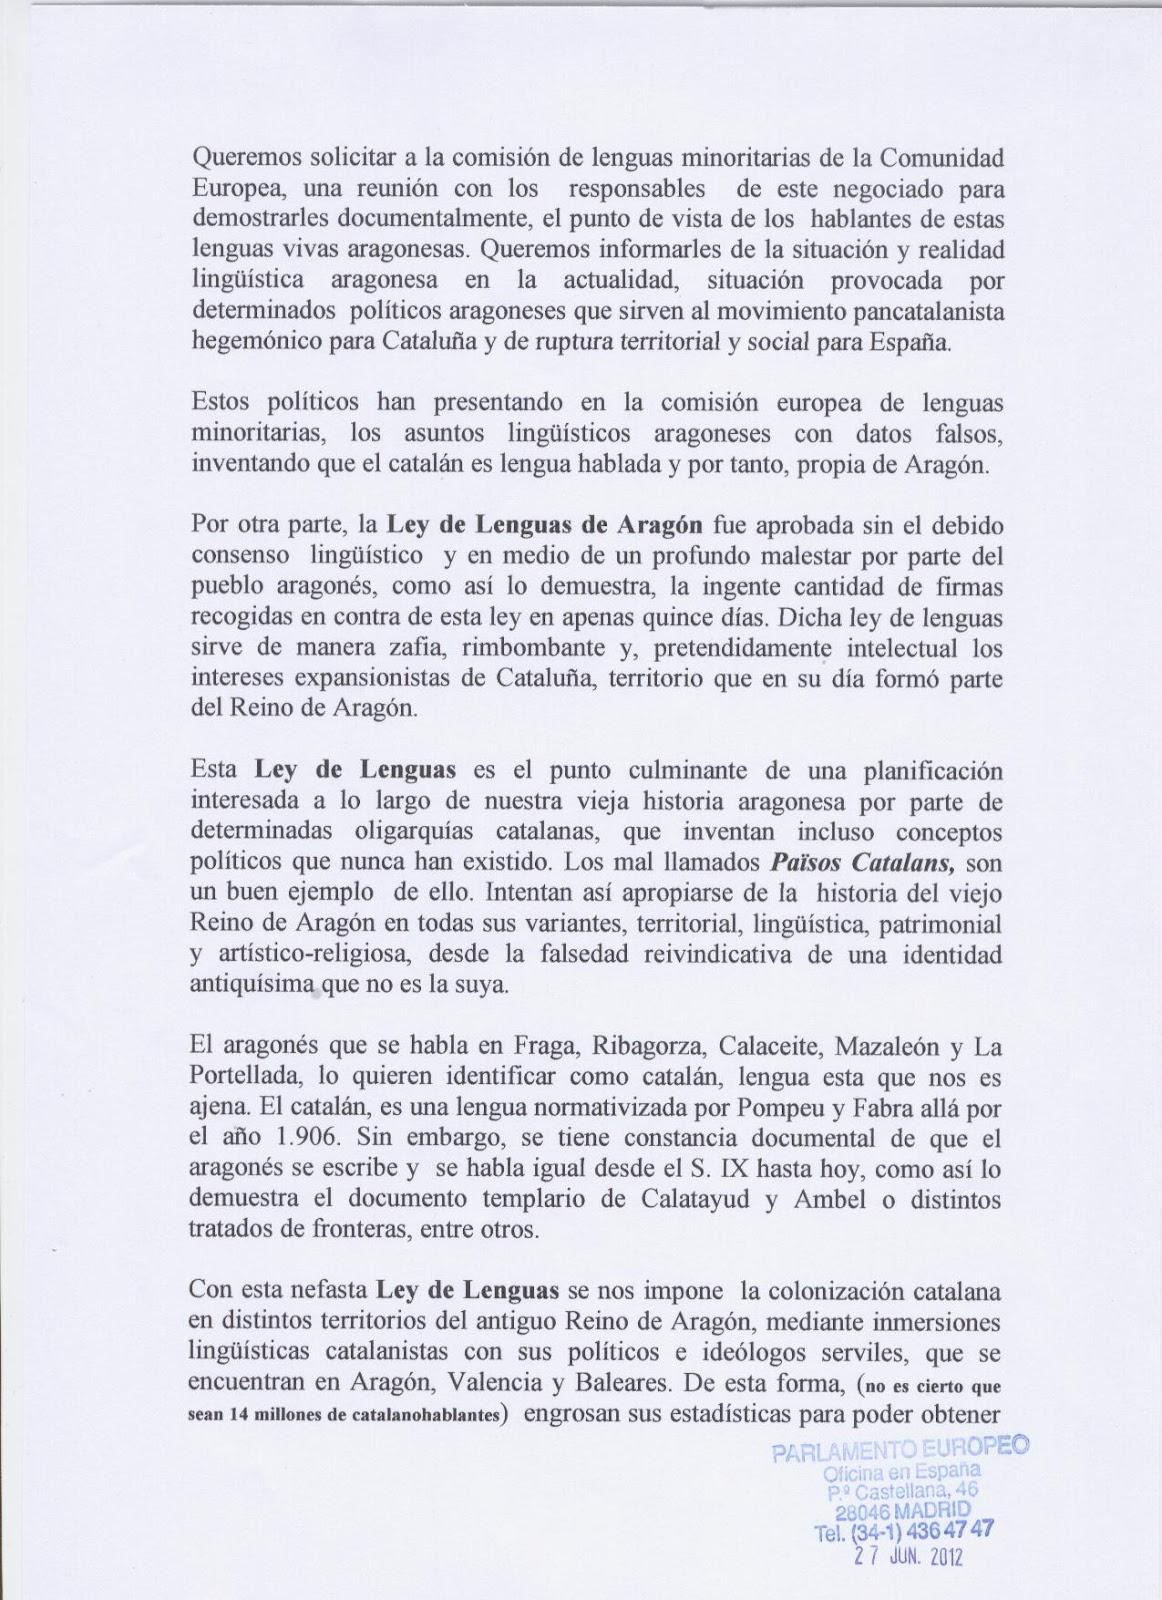 Colectivo identitario de arag n nos remiten carta for Oficinas de registro de la comunidad de madrid